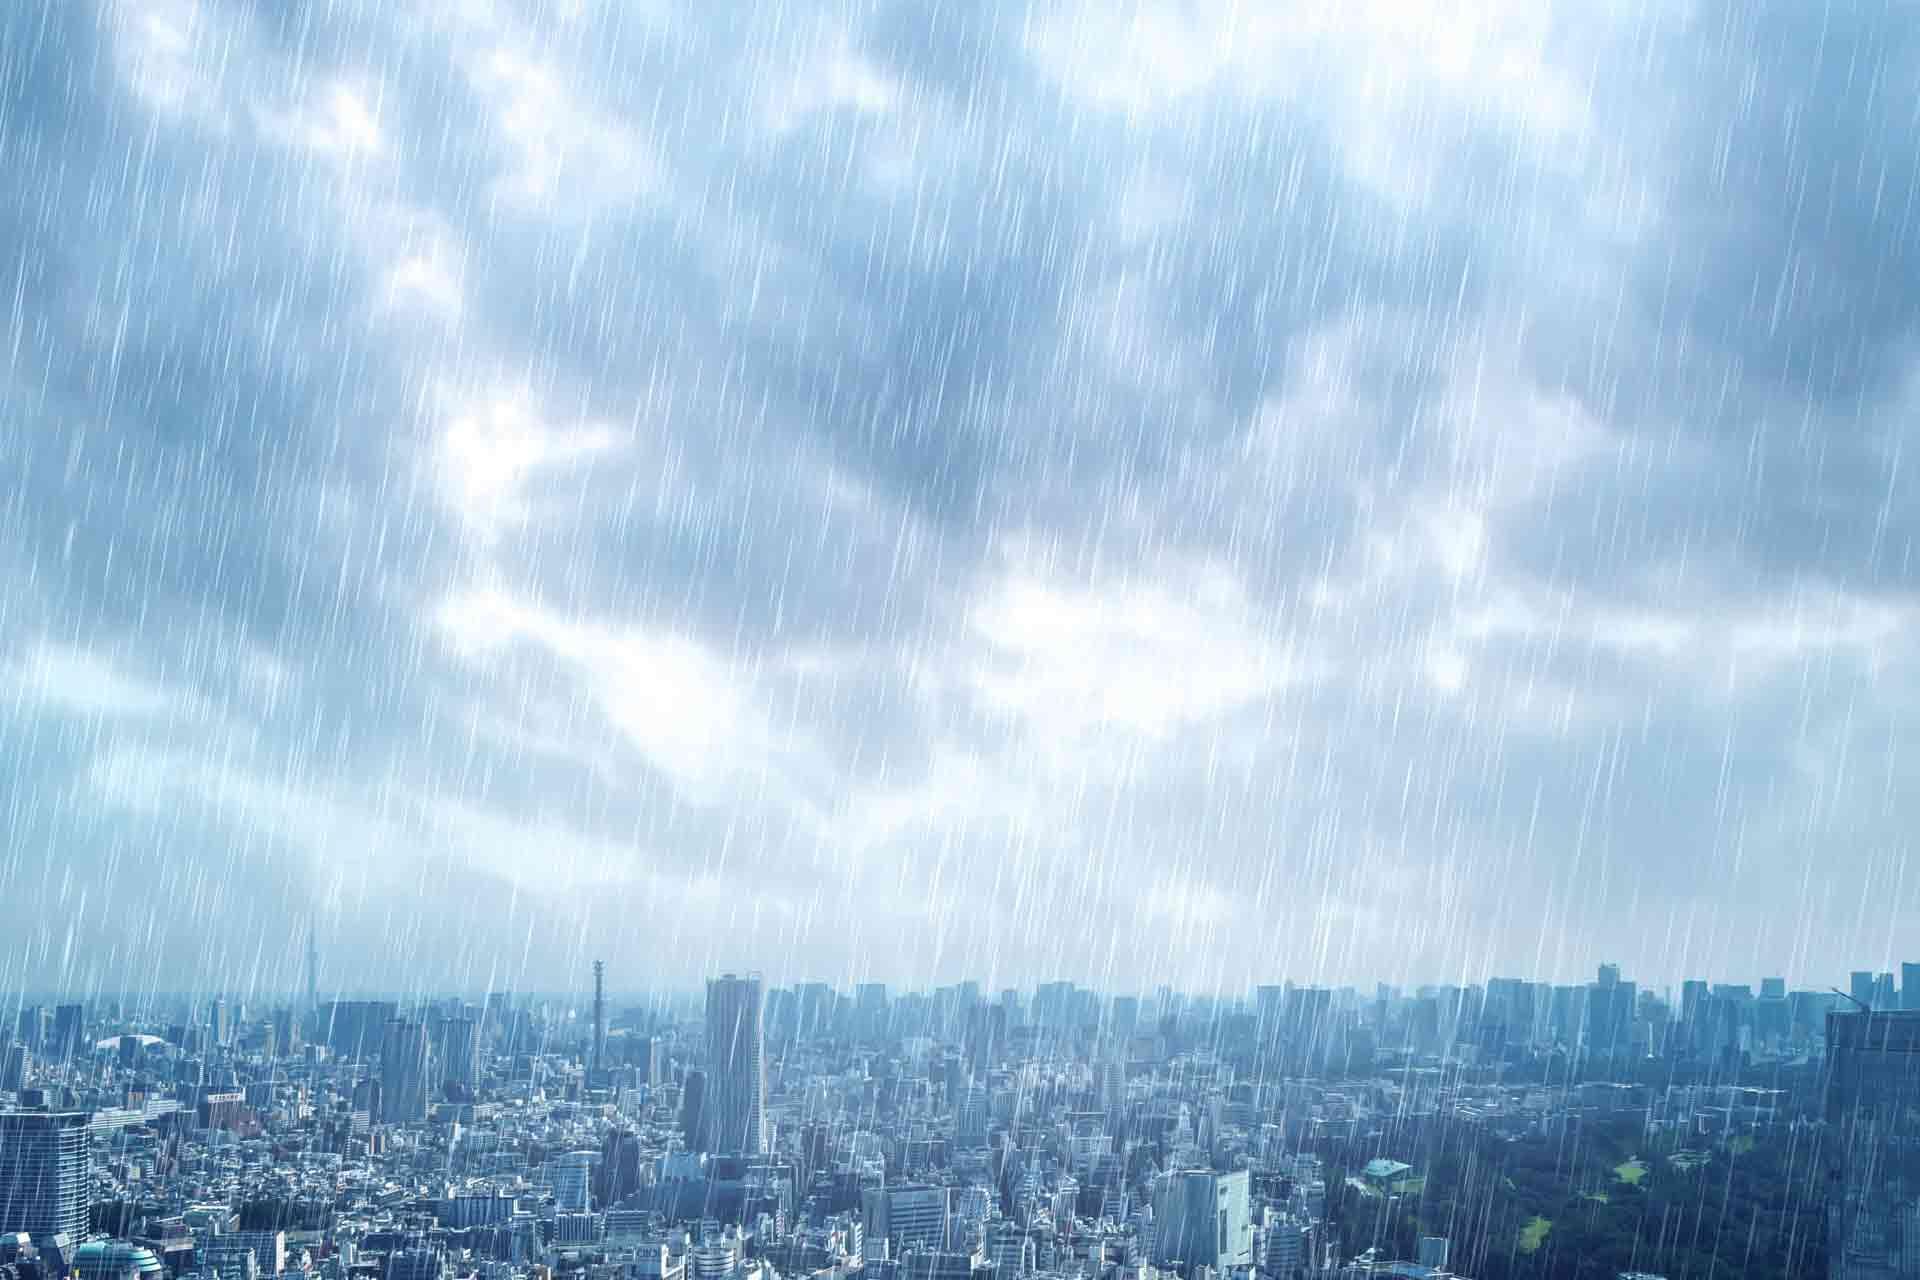 雨が降っている上空